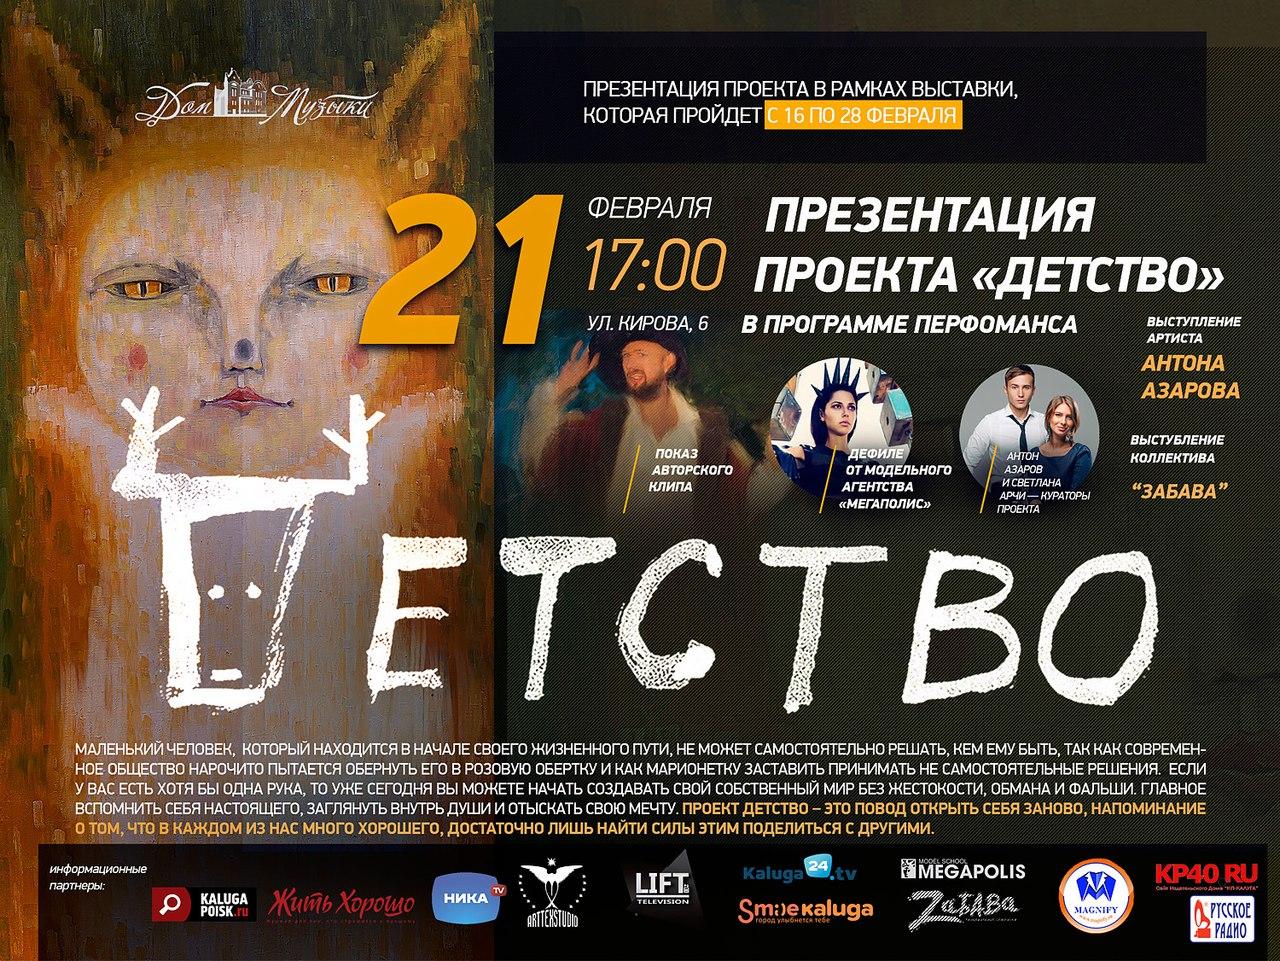 21 февраля Павел Астрахов откроет новый арт-проект «Детство» в галерее Дома музыки